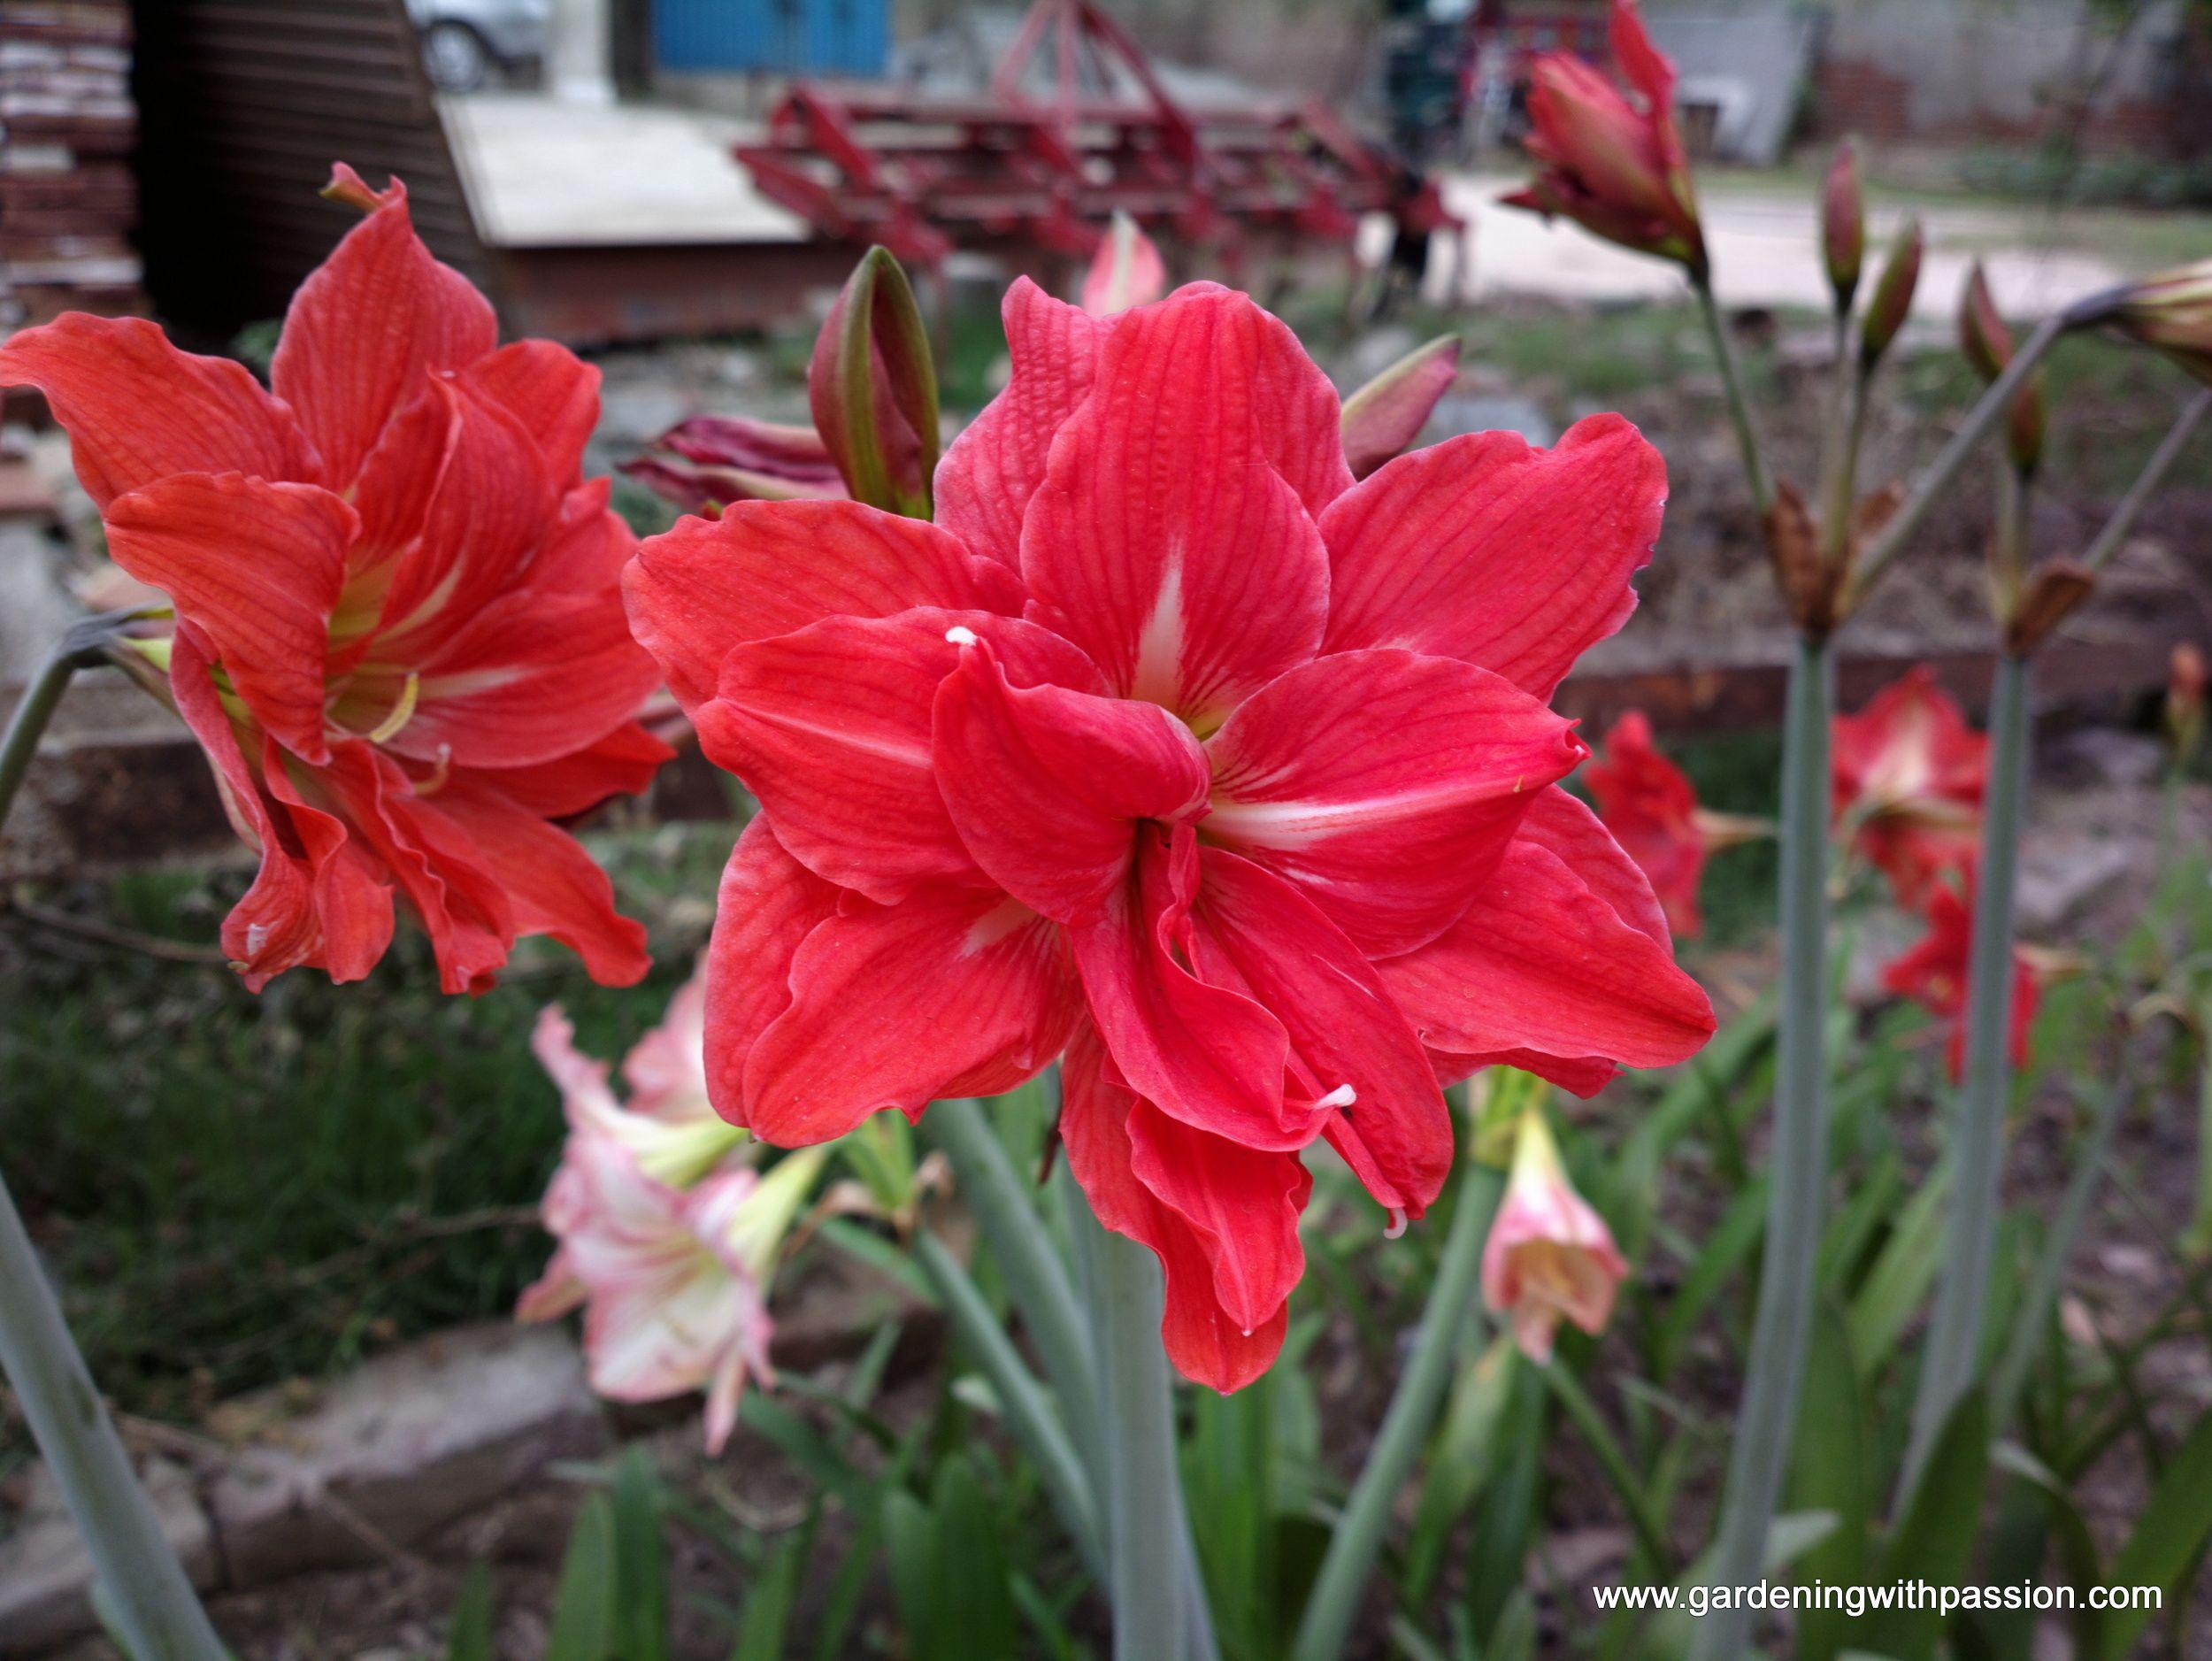 Amaryllis Double Ribbon Amaryllis Bloom Petals